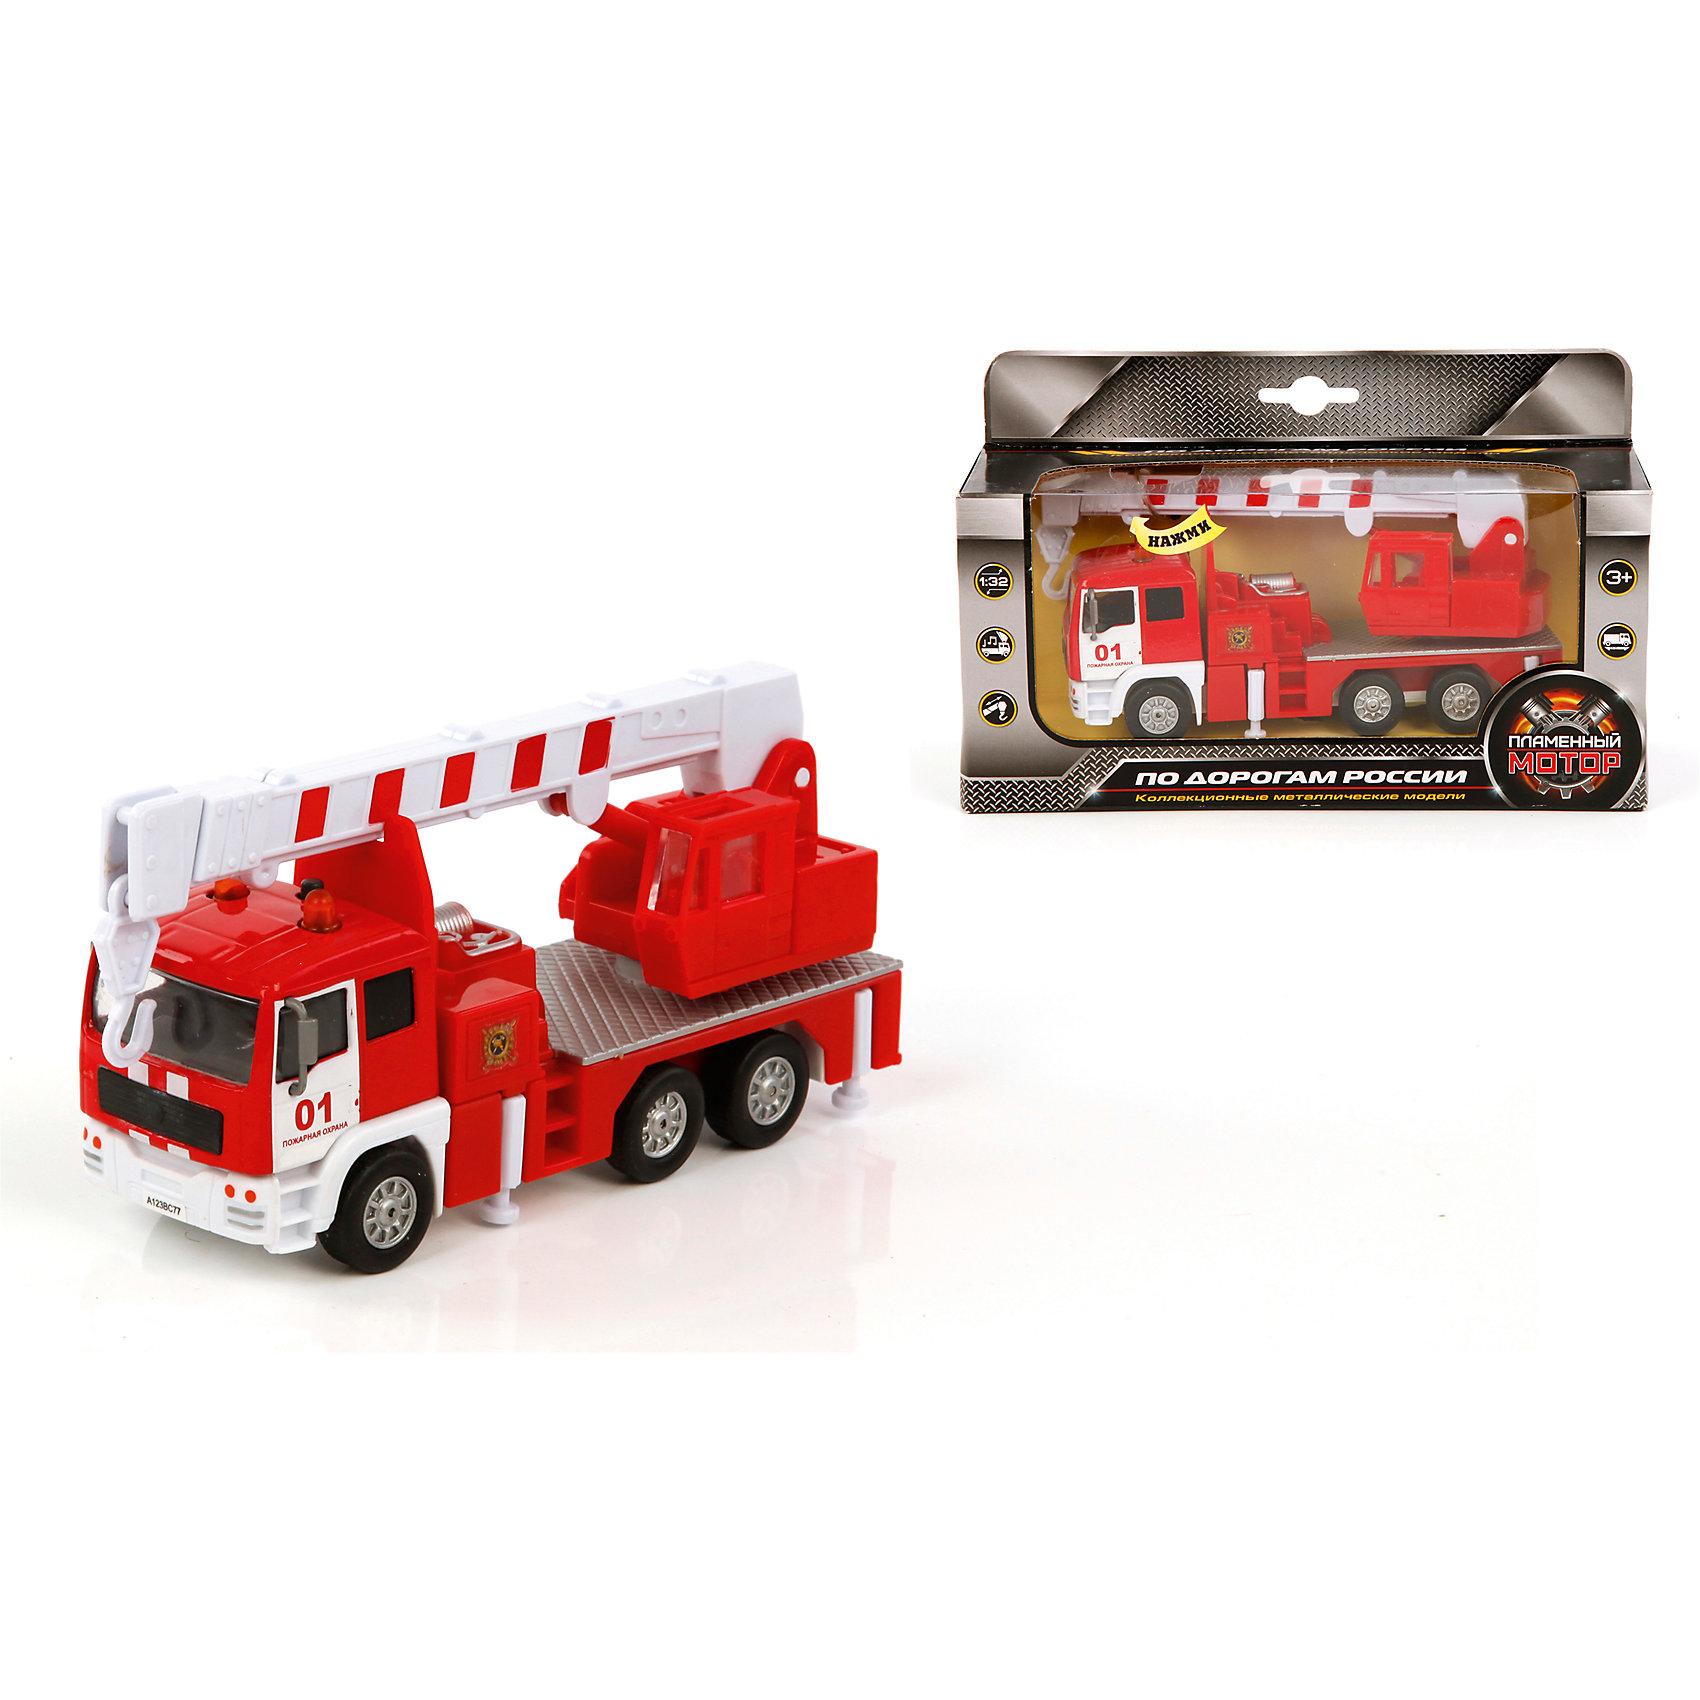 Пламенный мотор Пожарный кран, 1:32, со светом и звуком, Пламенный мотор пламенный мотор машина volvo аварийная служба горгаз 1 32 со светом и звуком пламенный мотор